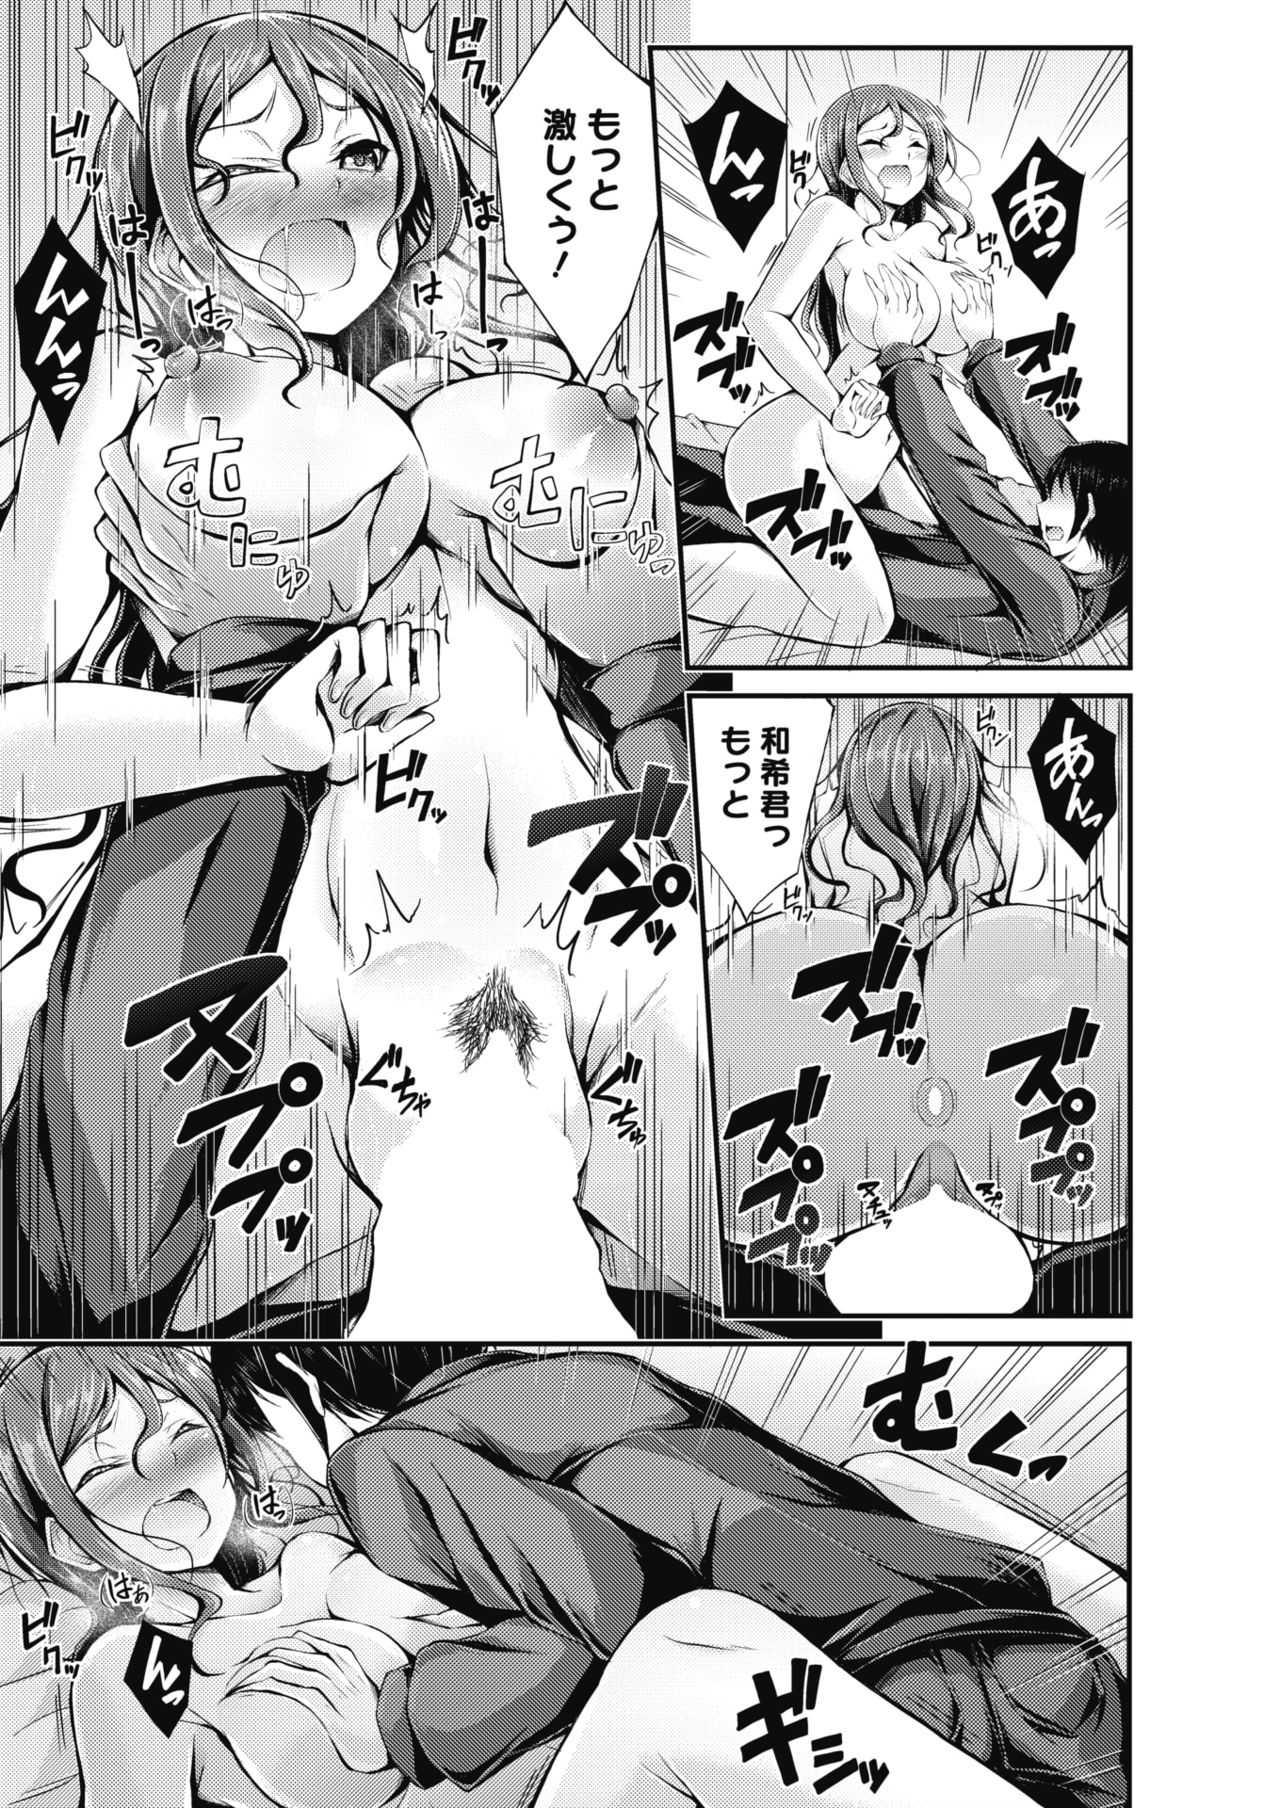 【エロ漫画】後輩の男の子が浮気されている現場に一緒に鉢合わせてしまったJK…以前から彼のことを狙っていたこともあり強引にせまって浮気セックスを企てる!!【おでん70:ふたりの仕返し】